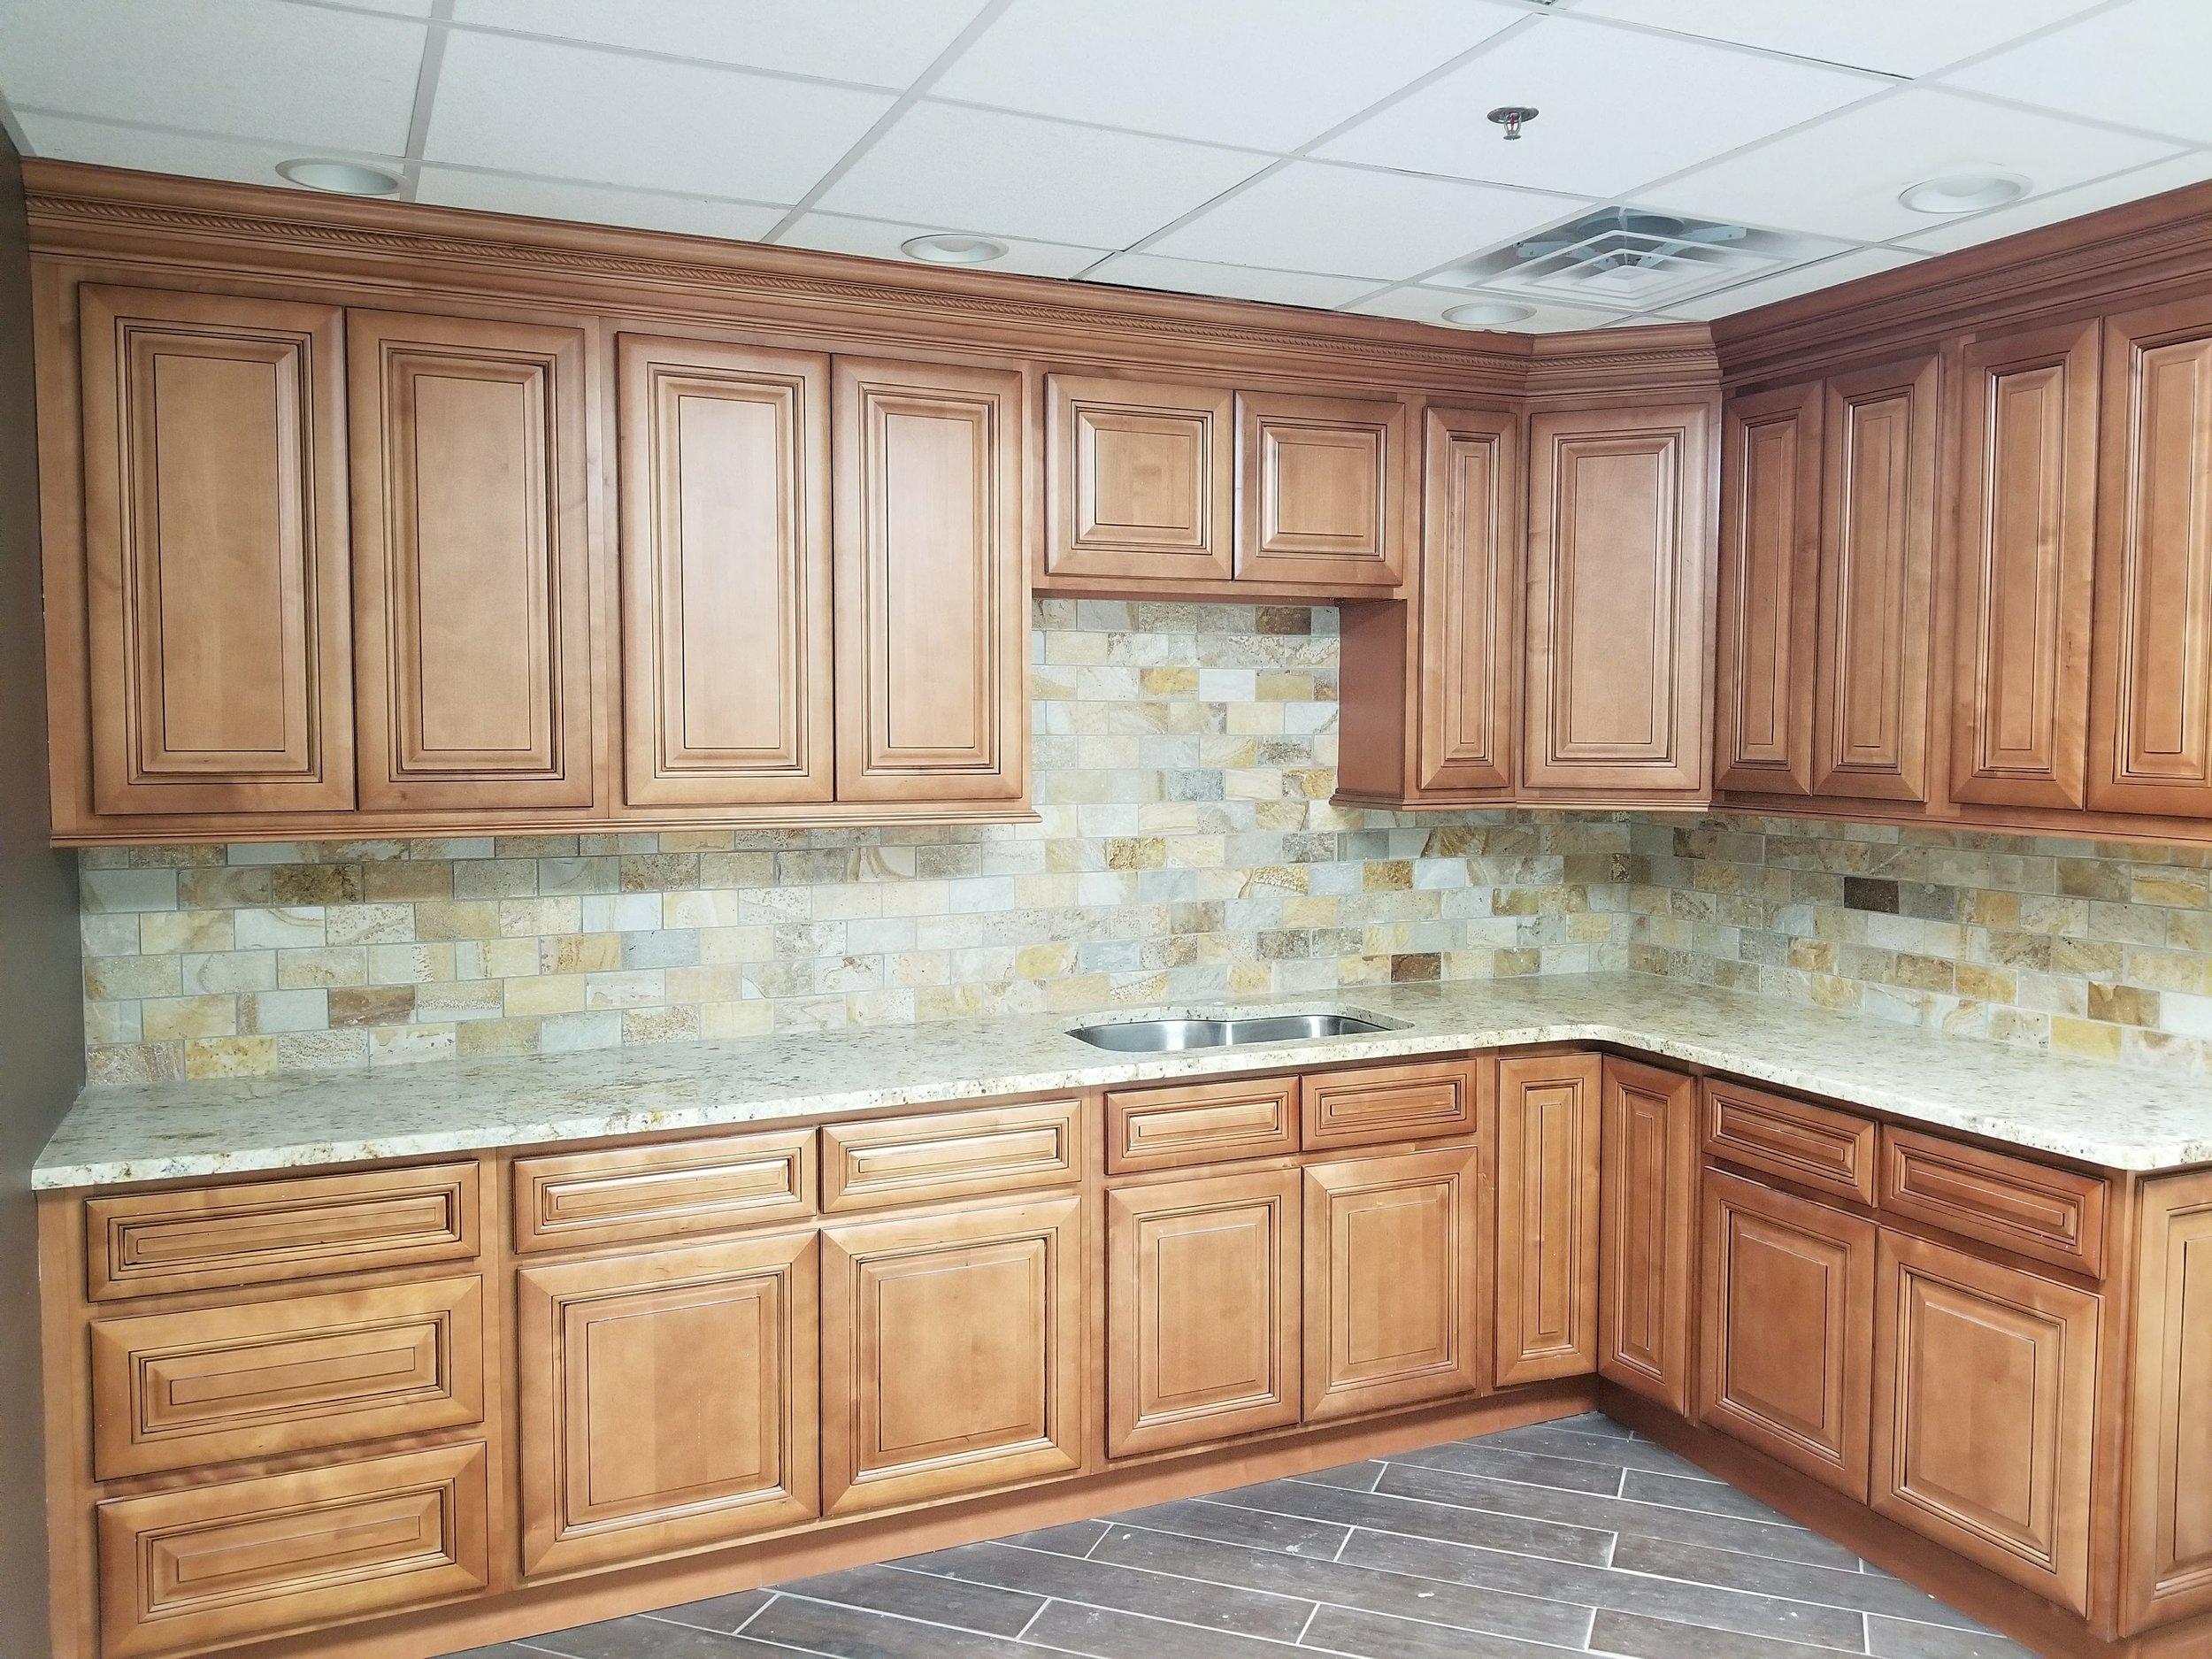 Sienna Cabinets